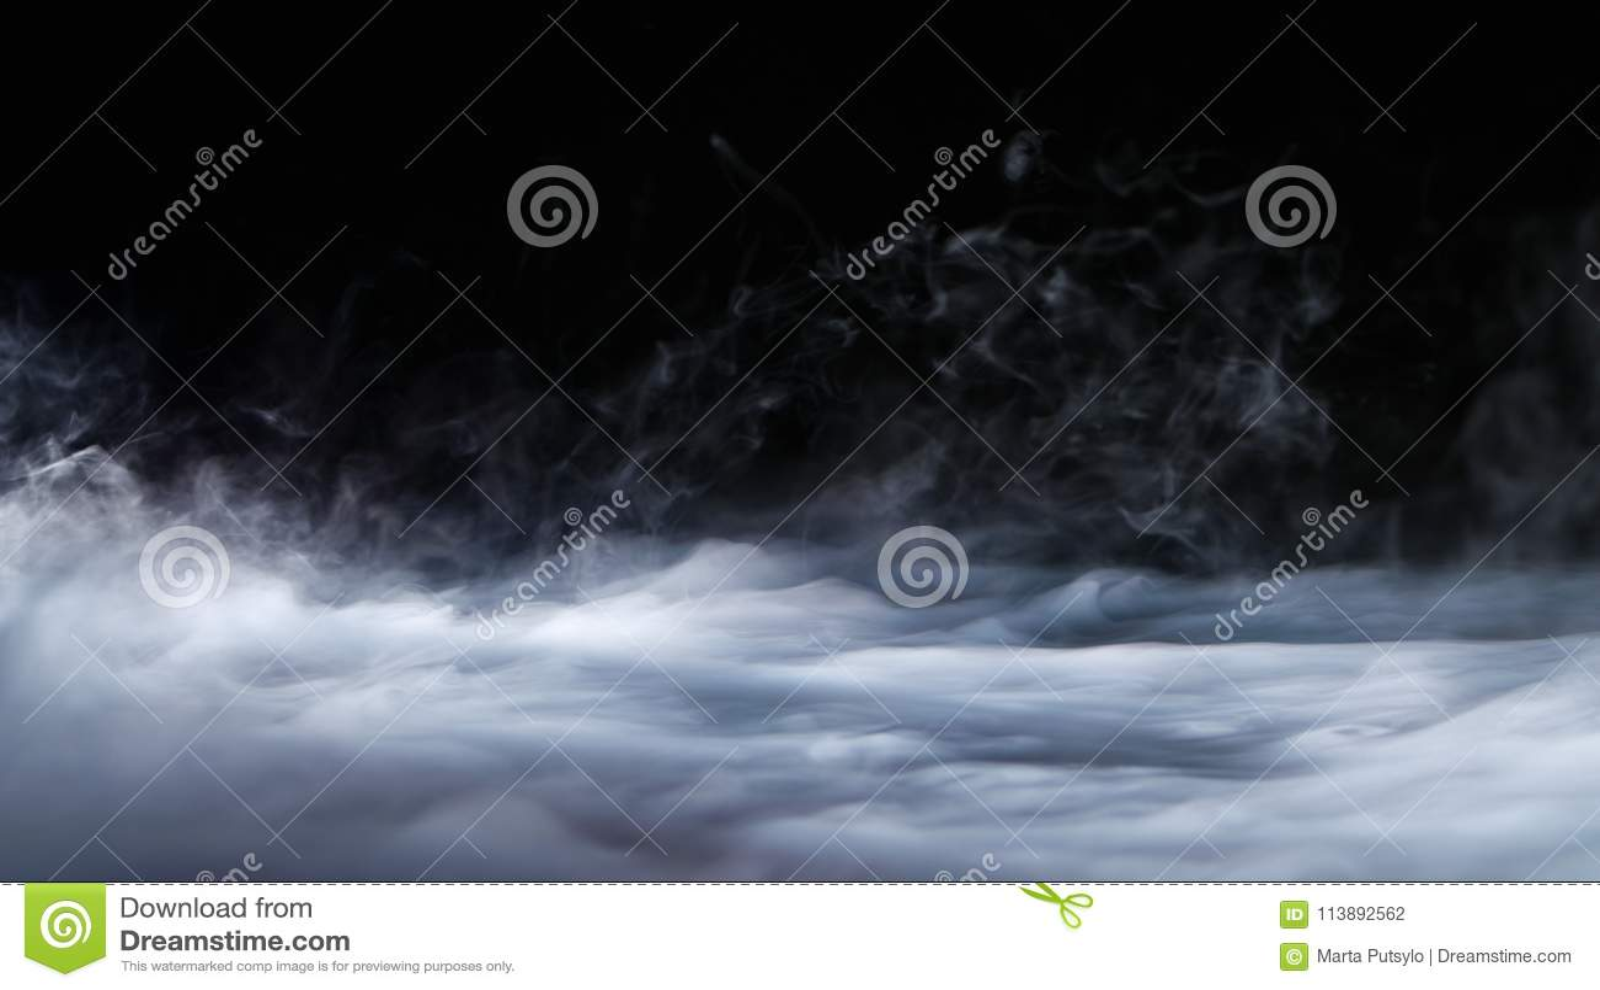 Capa realista de la niebla de las nubes de humo del hielo seco